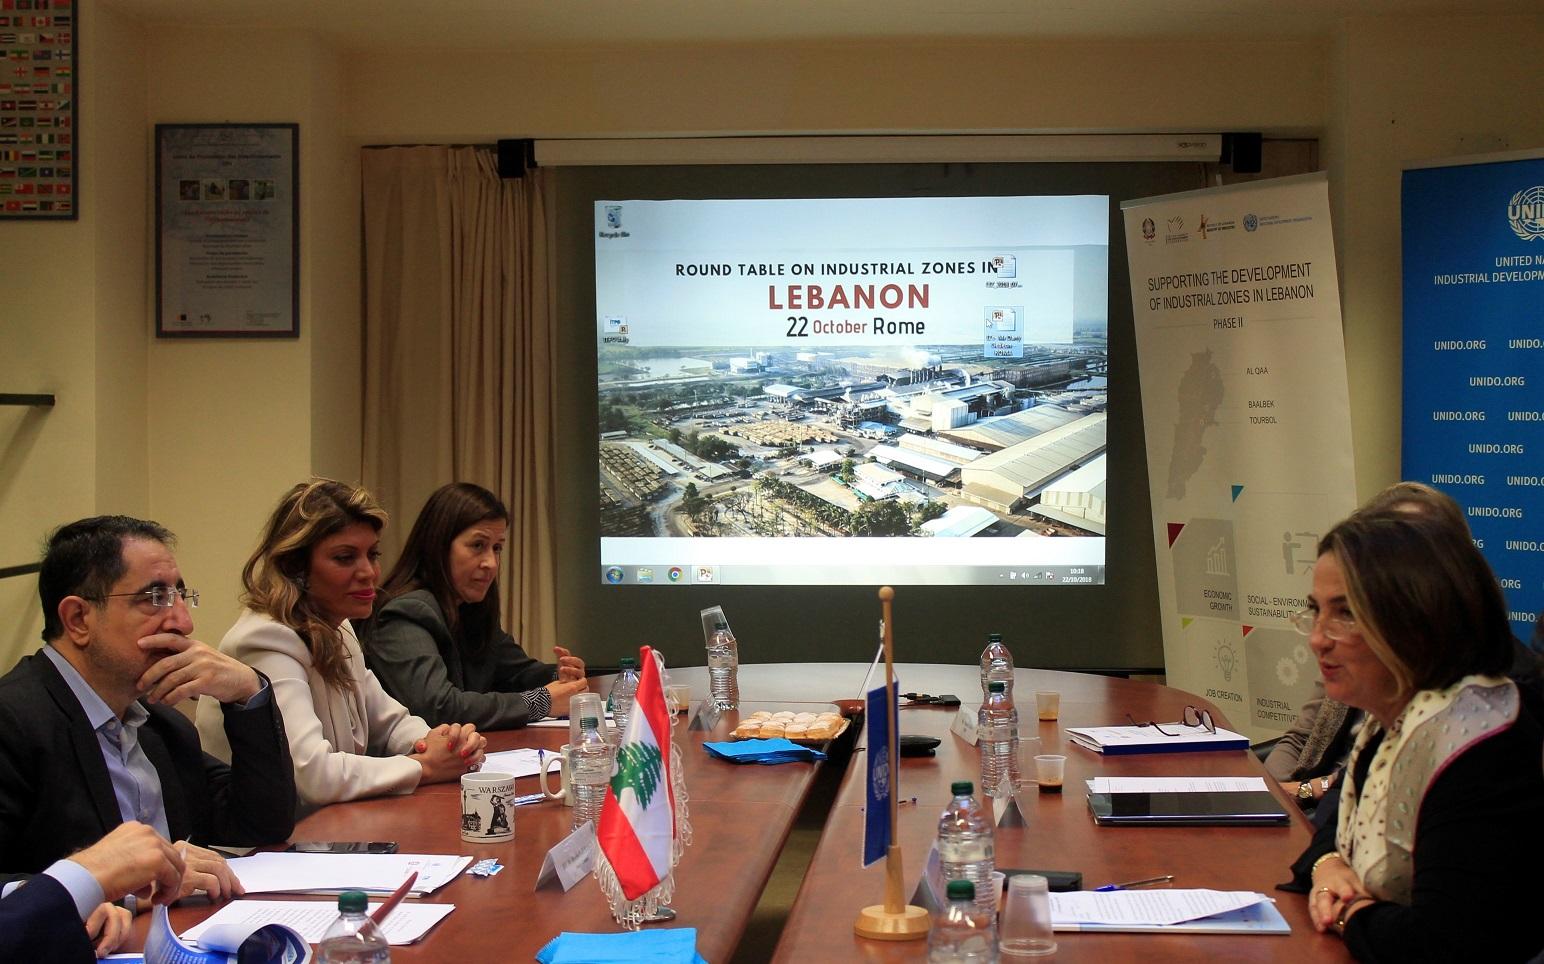 LIBANO-ITALIA: 3 Parchi industriali per lo sviluppo delle imprese italiane